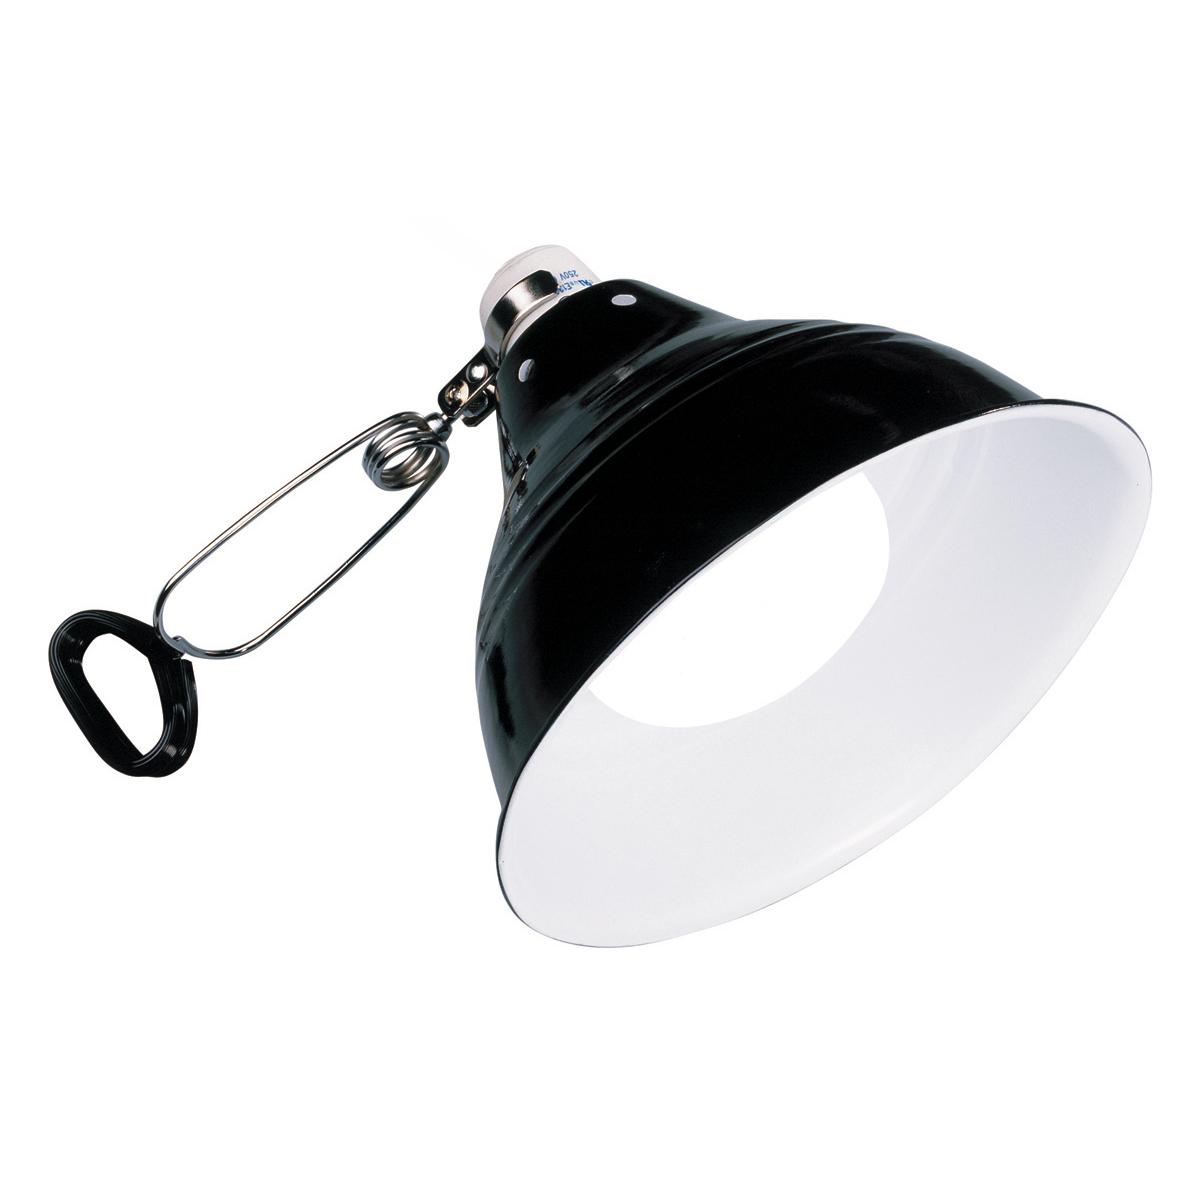 Плафон для лампы Exo Terra «Glow Light» с отражателем E27, d=14 см